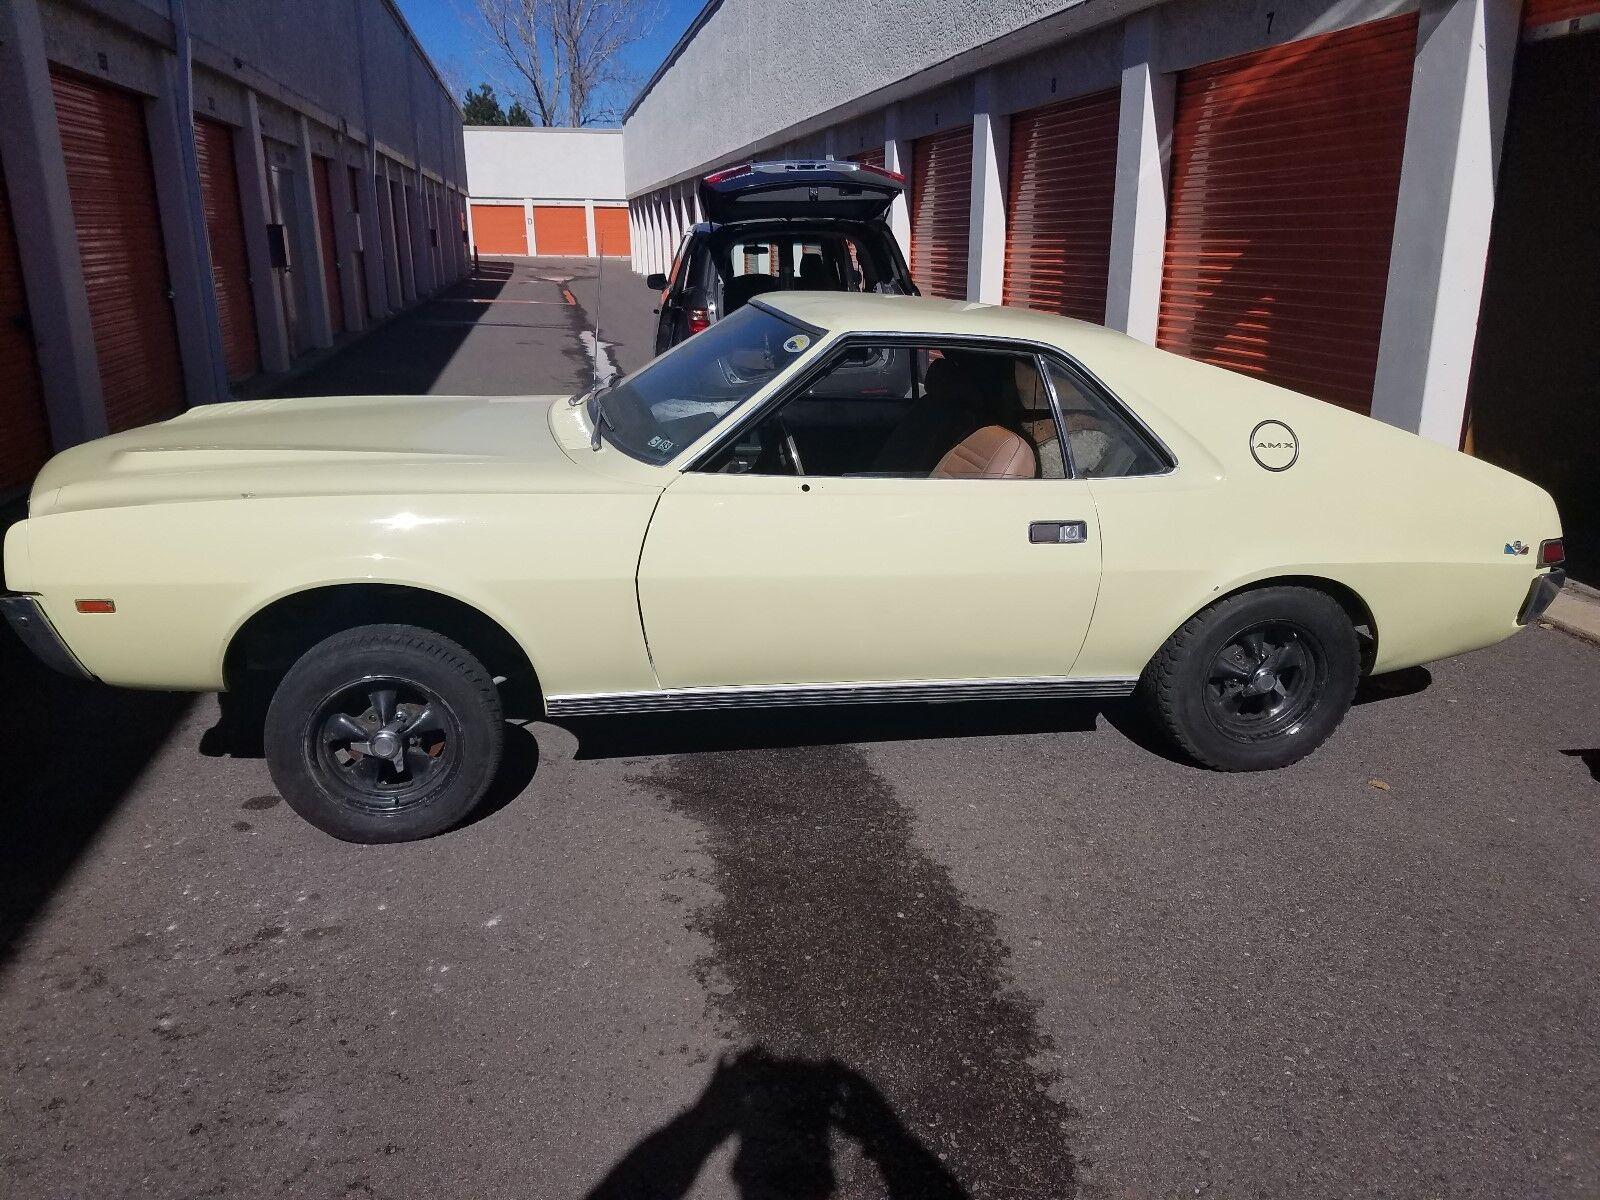 1969 AMC AMX  1969 AMC AMX Project Car